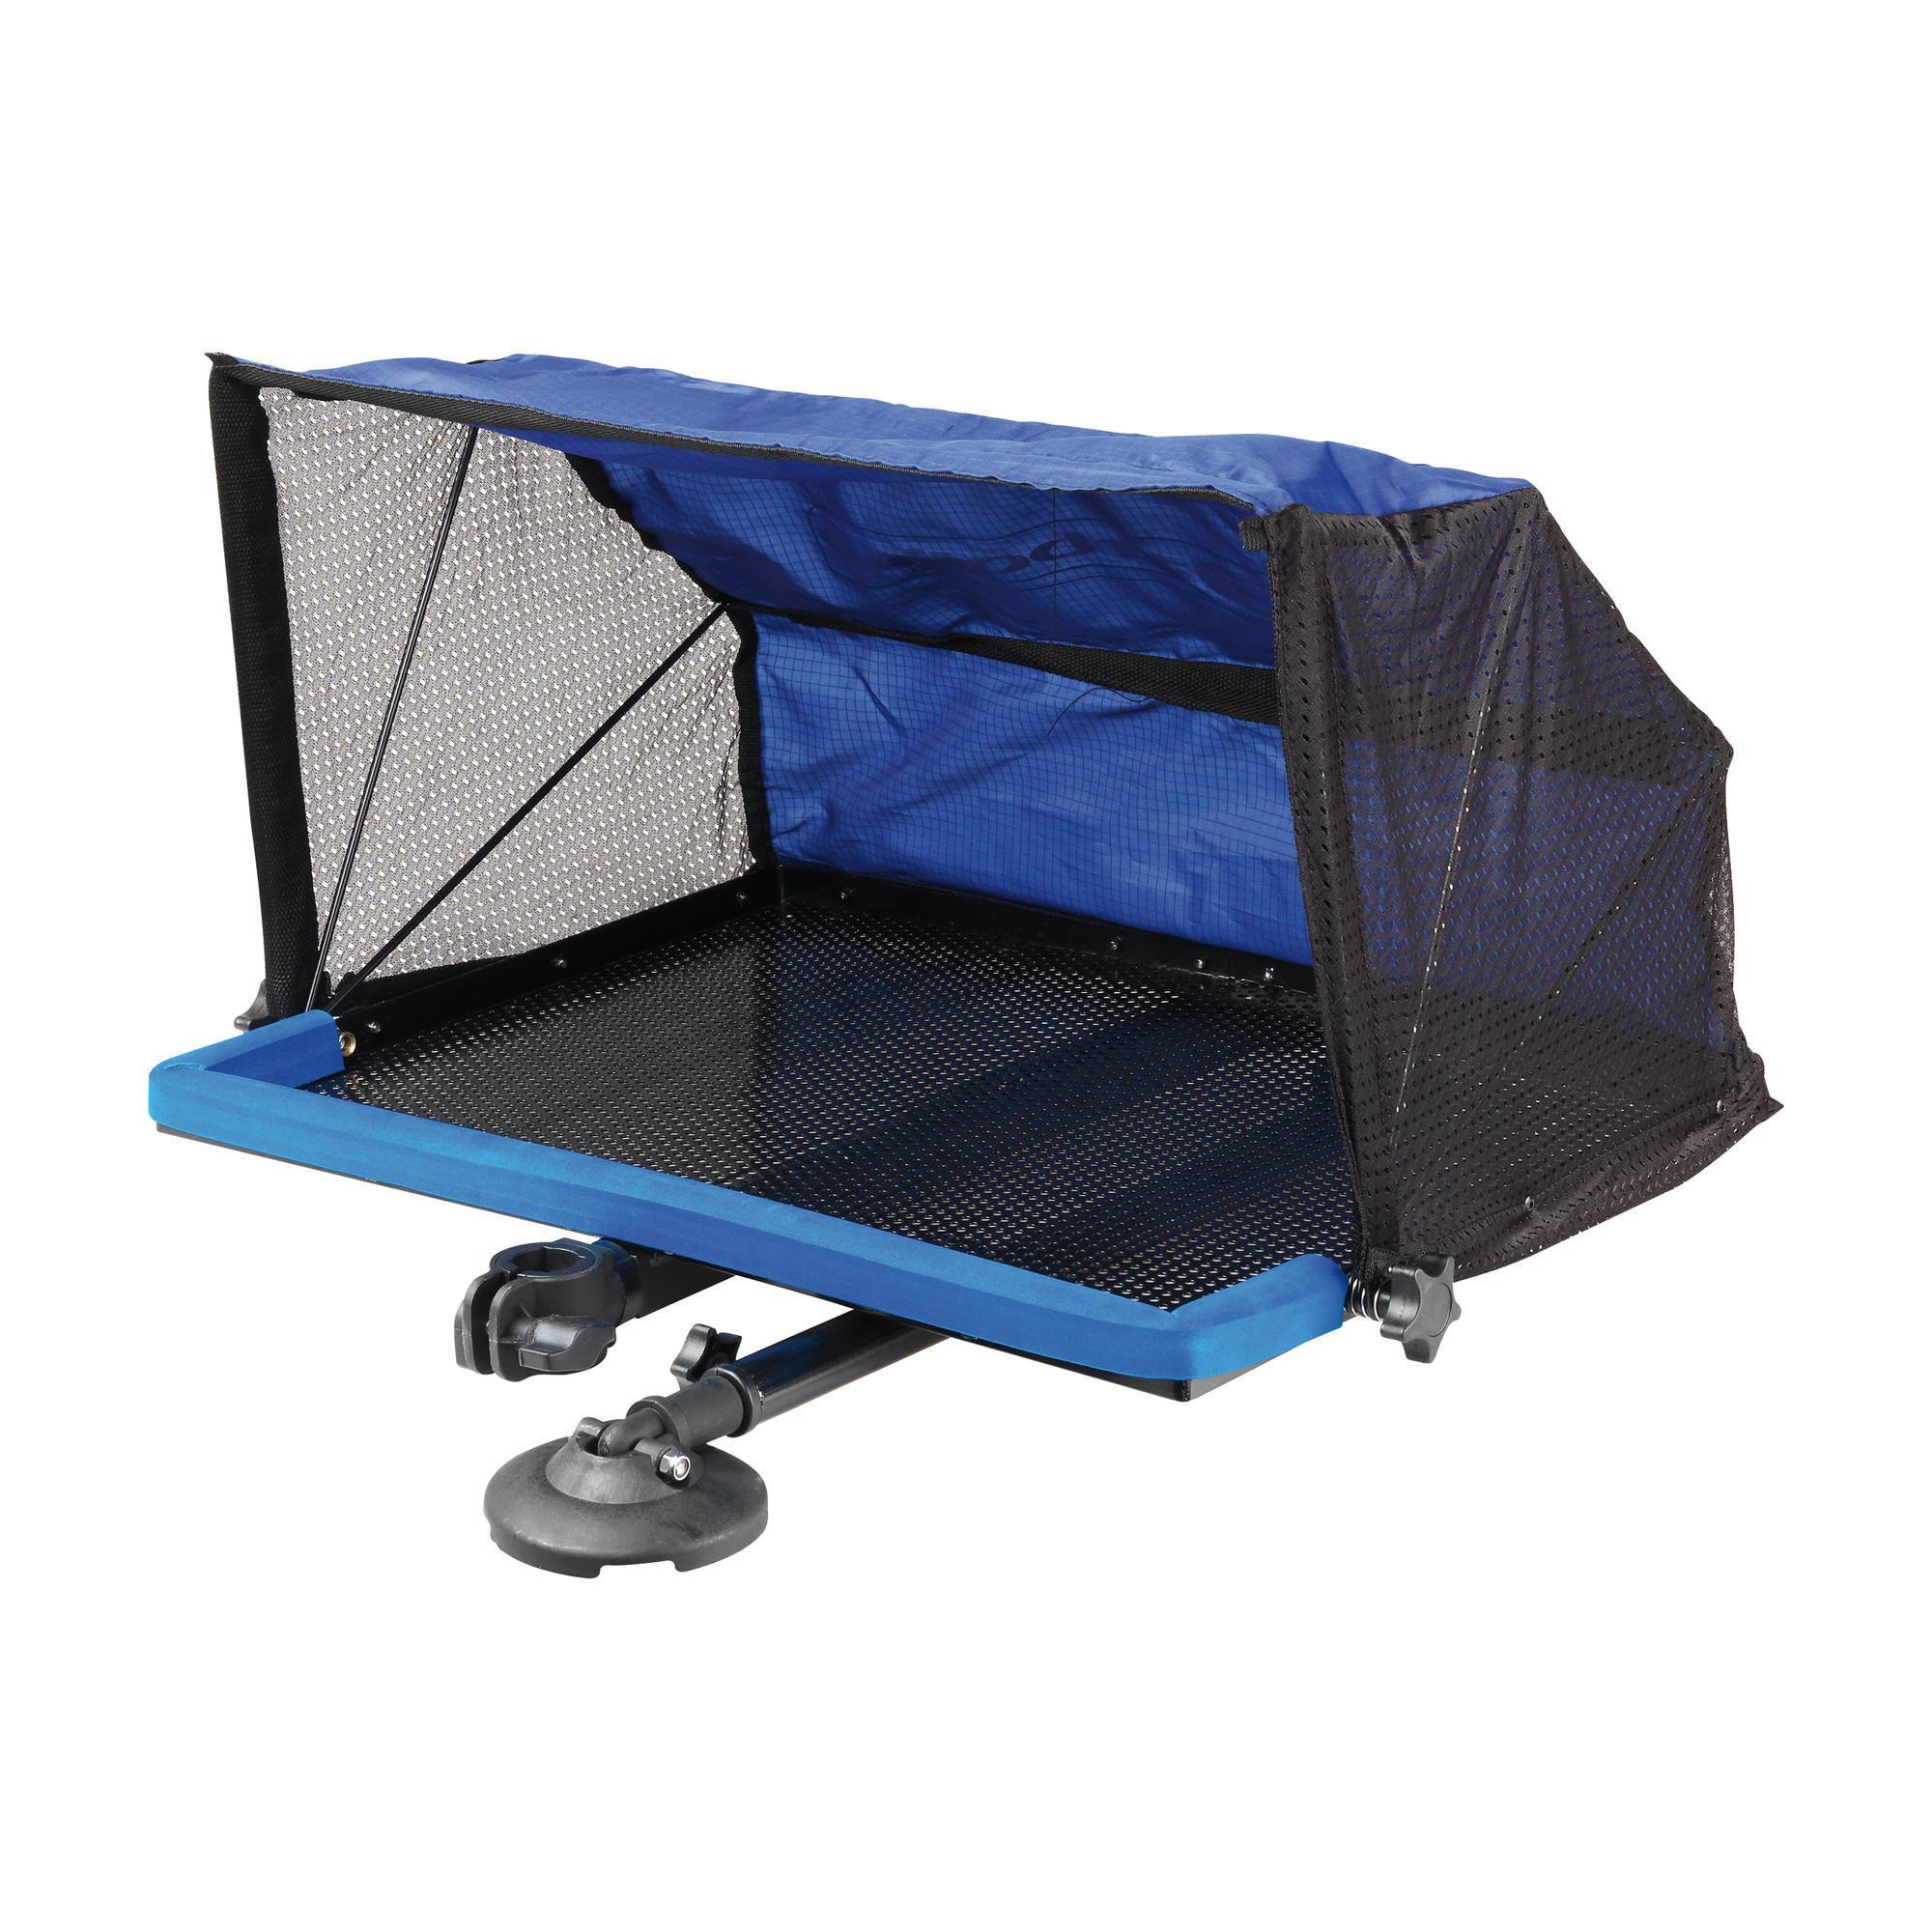 Garbolino Accessoire station Deluxe tafeltje met tent